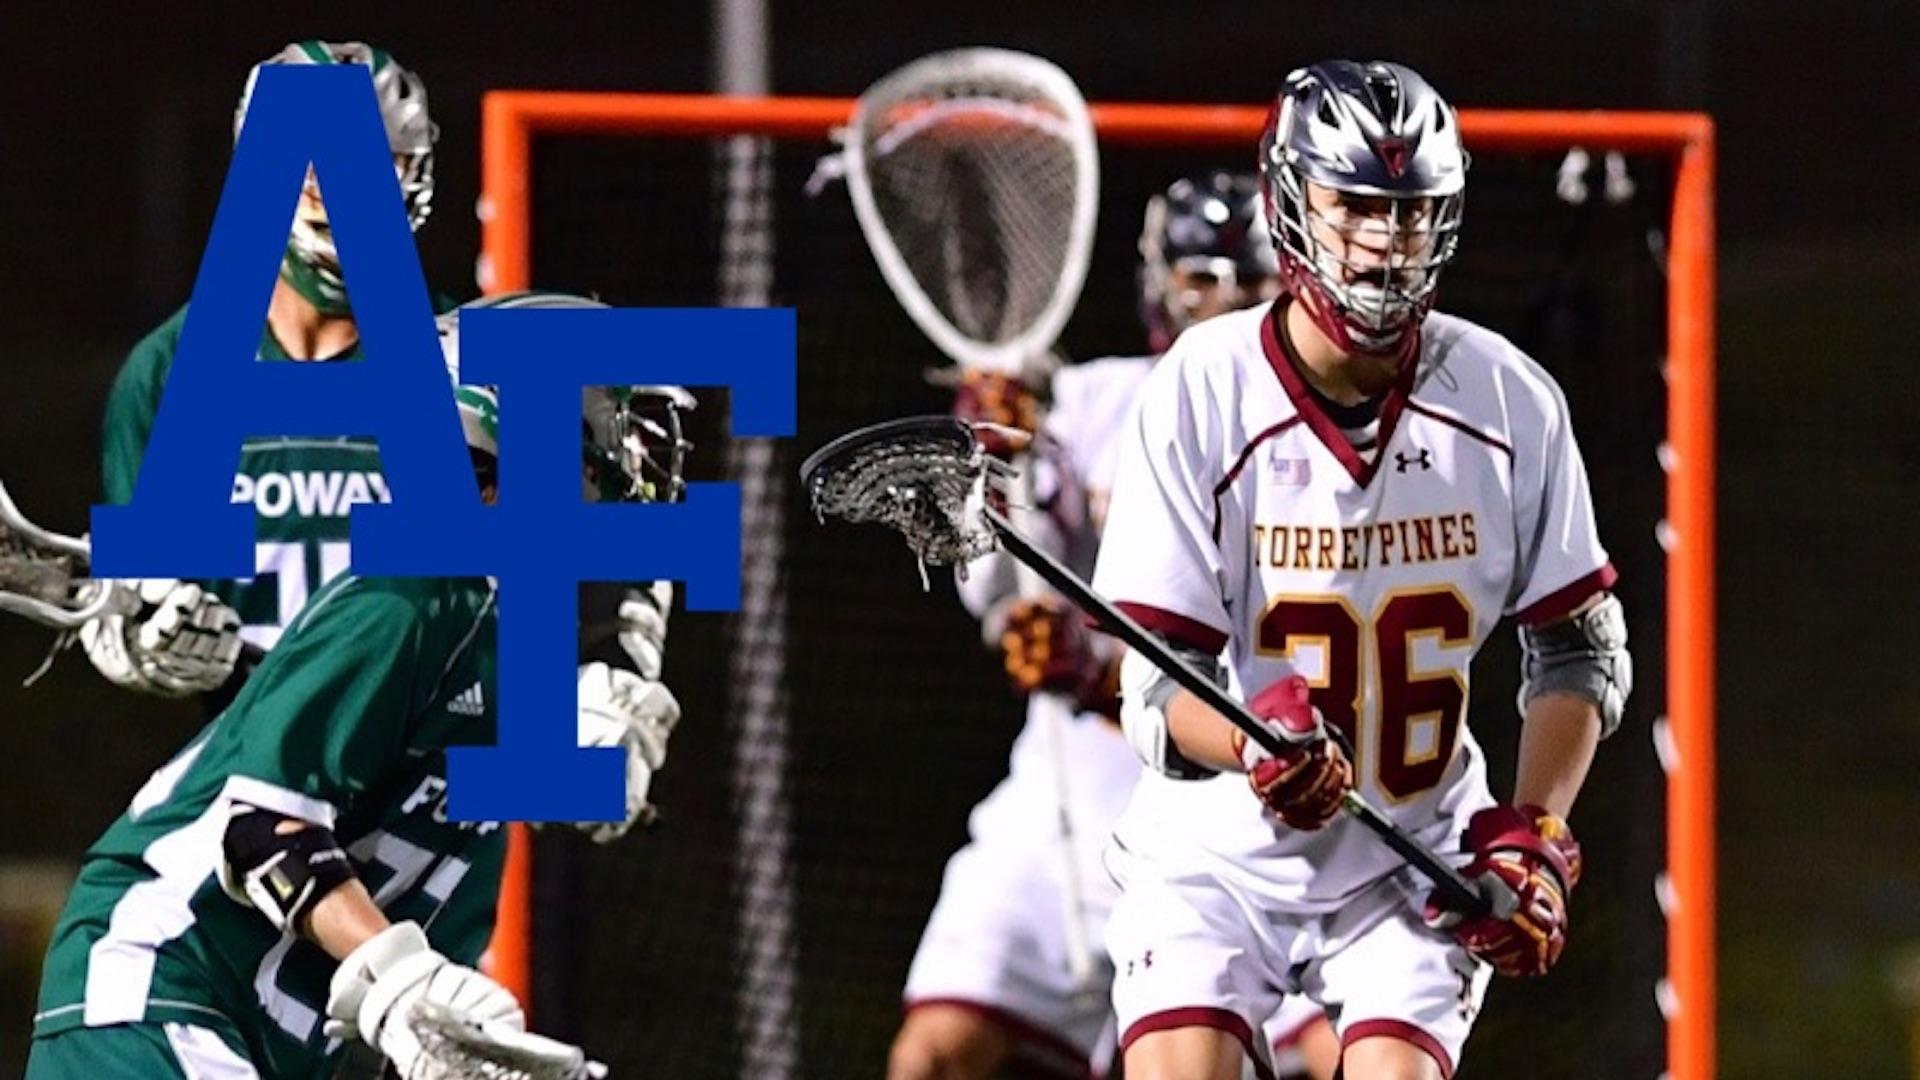 Conrad Delgado, Torrey Pines boys lacrosse